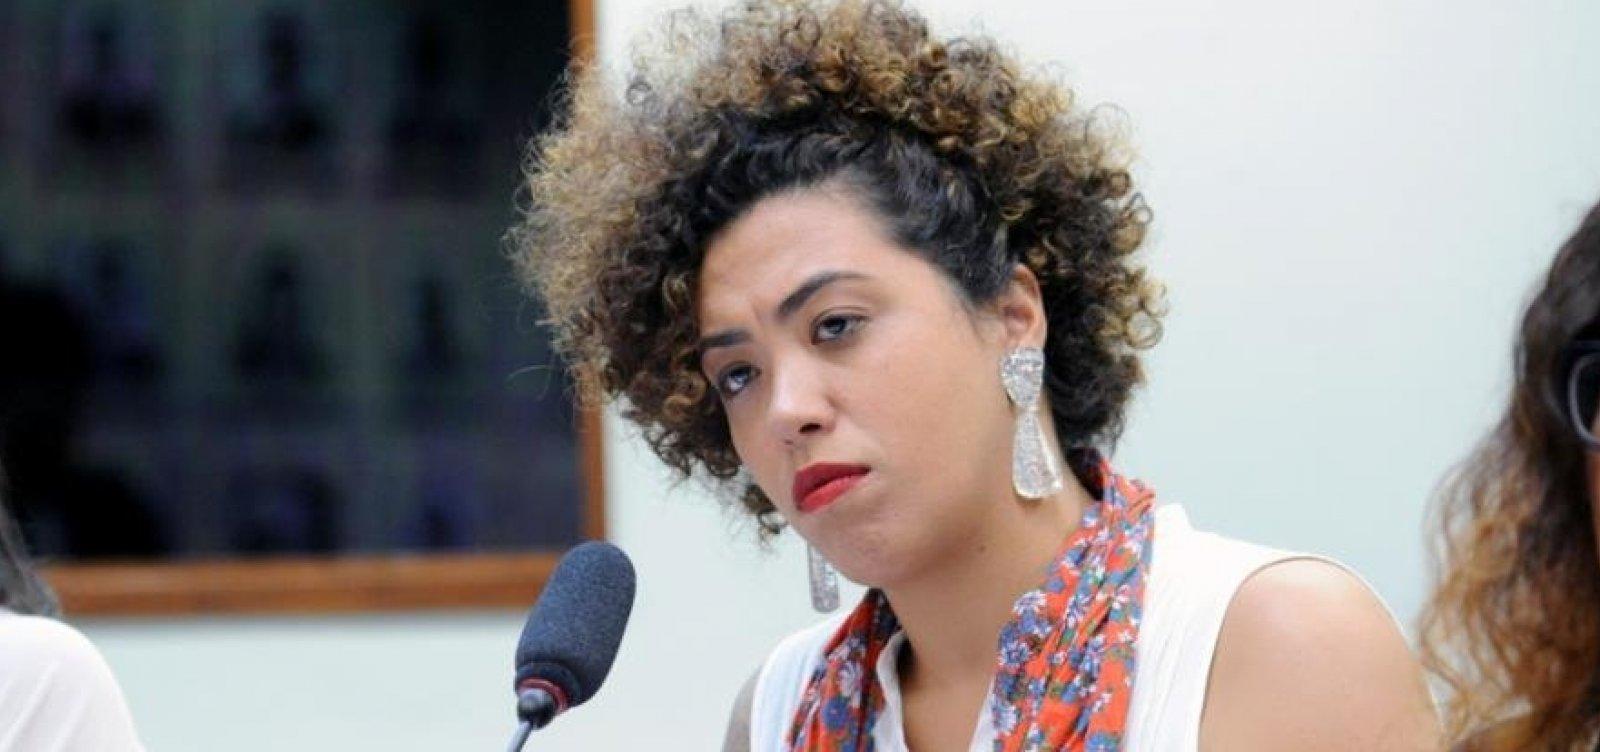 [PF descobre plano contra deputada na internet, mas governo do Rio ignora pedido por escolta]